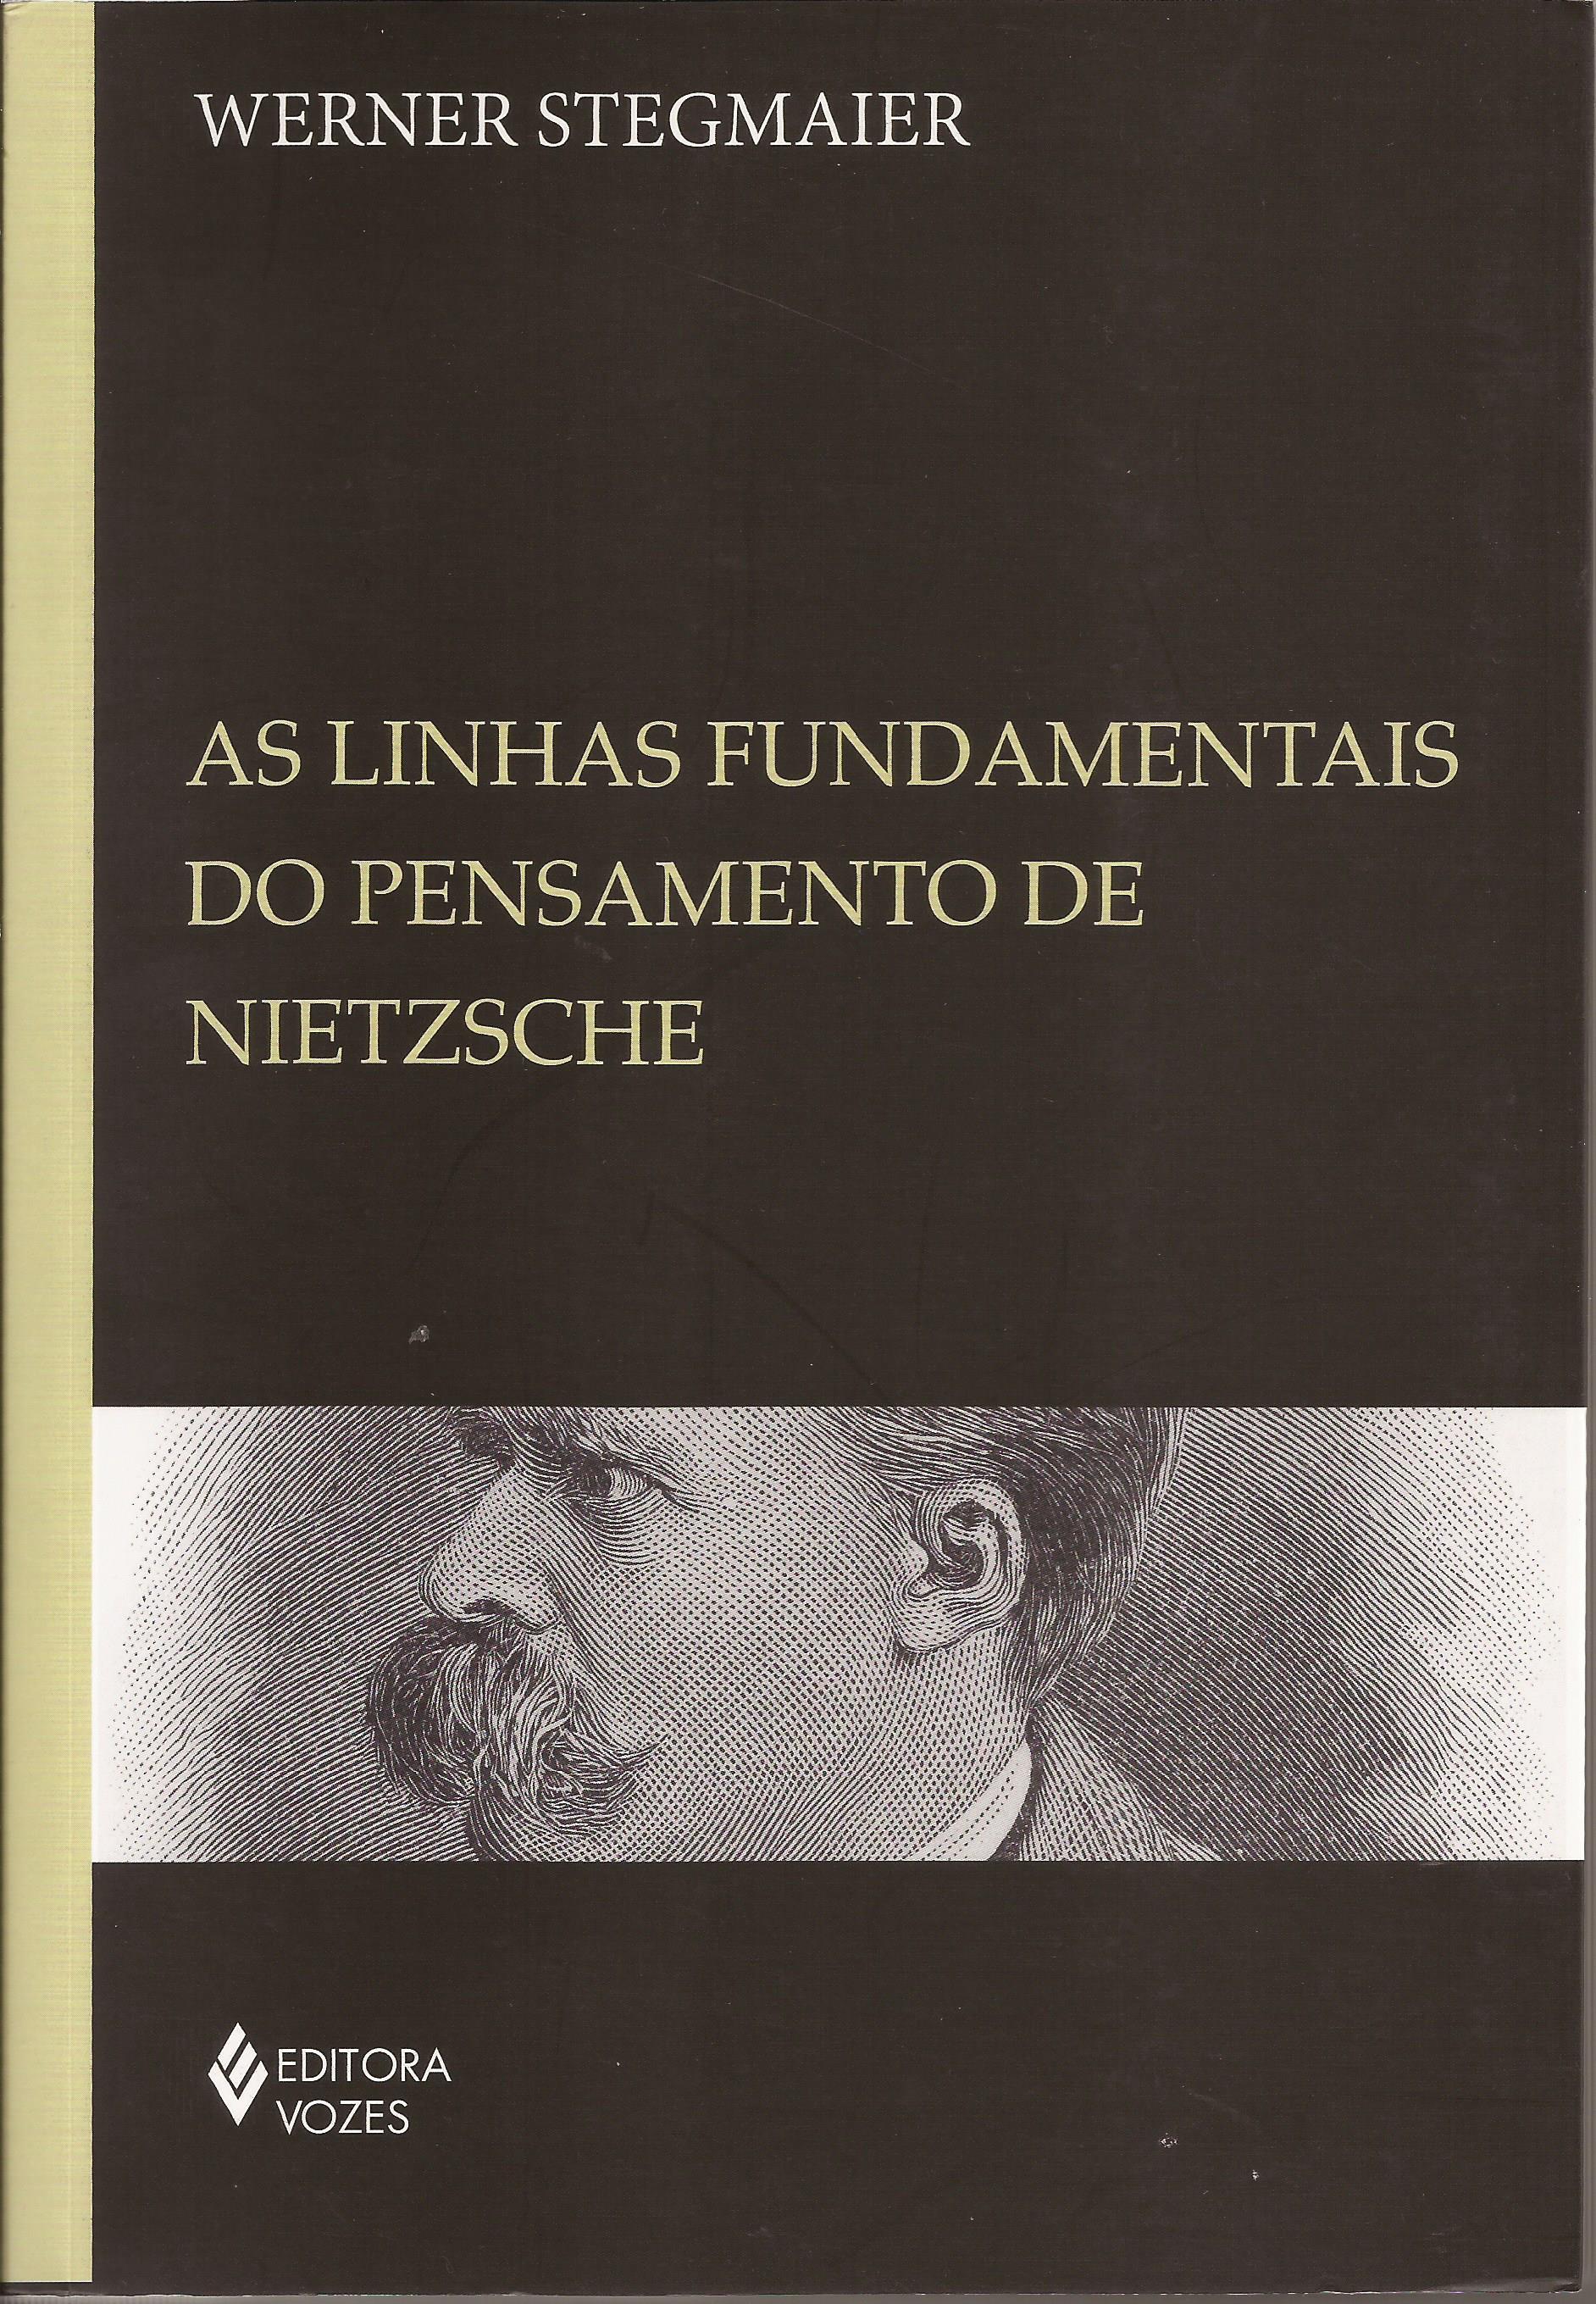 As linhas fundamentais do pensamento de Nietzsche